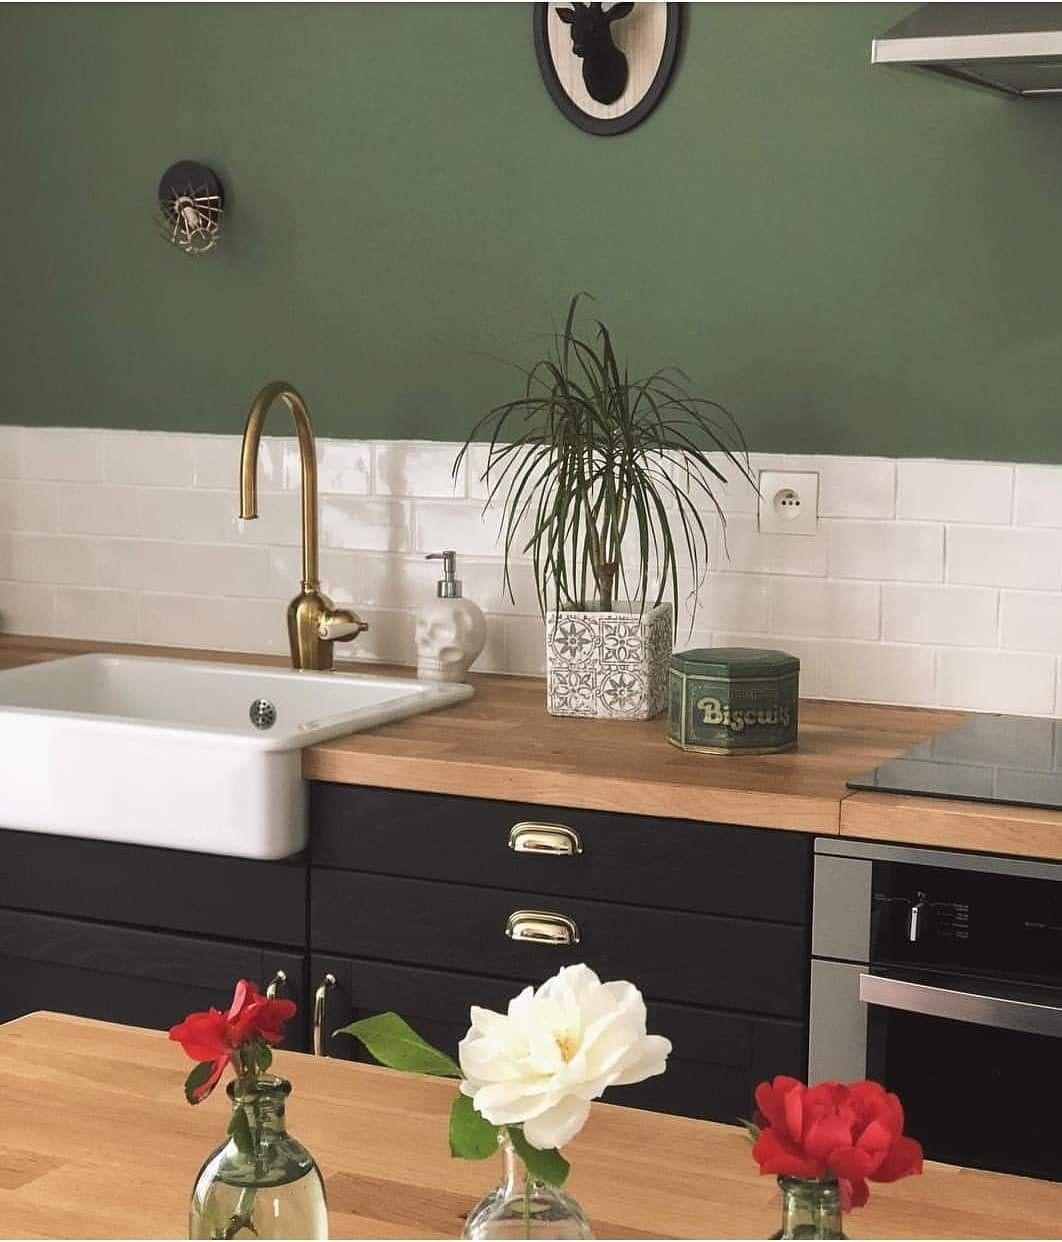 Un Mur D Un Vert Soutenu Pour Rechauffer L Ambiance D Une Cuisine En Bois Noir La Maison De Maya Instagram Cuisine Bois Cuisine Verte Cuisines Maison